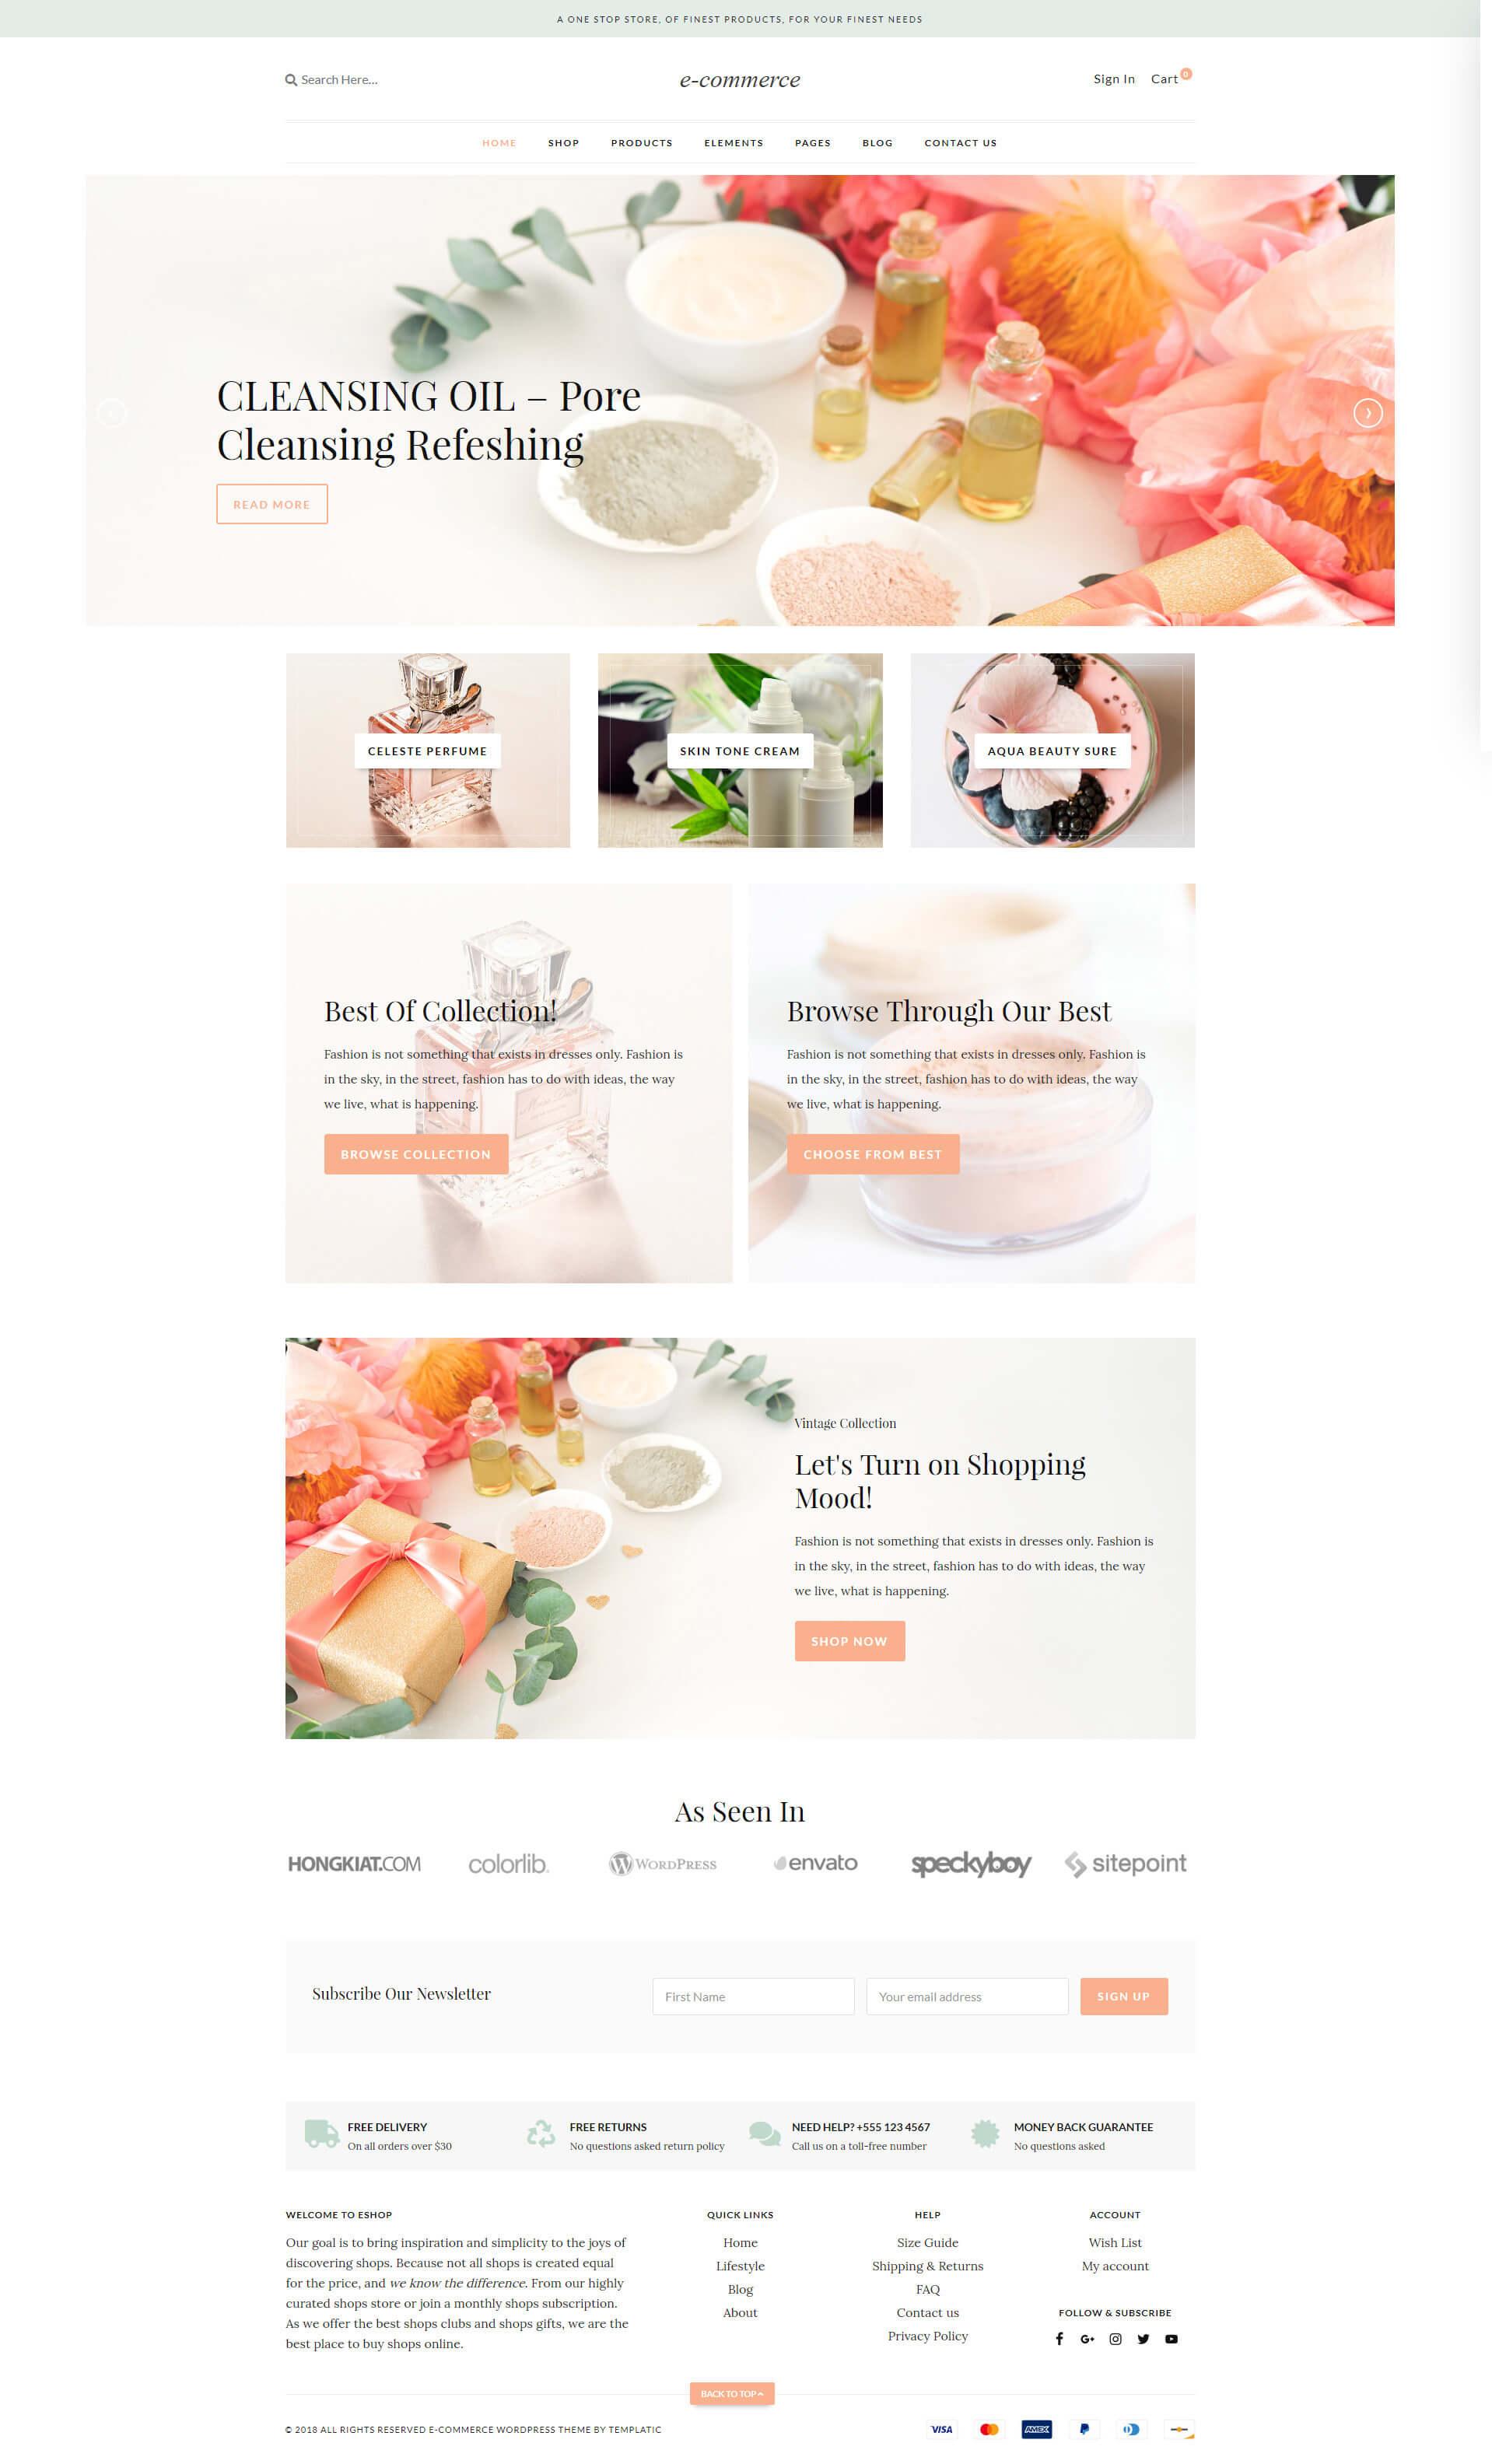 Wordpress eCommerce theme [2019] - Minimal WooCommerce theme